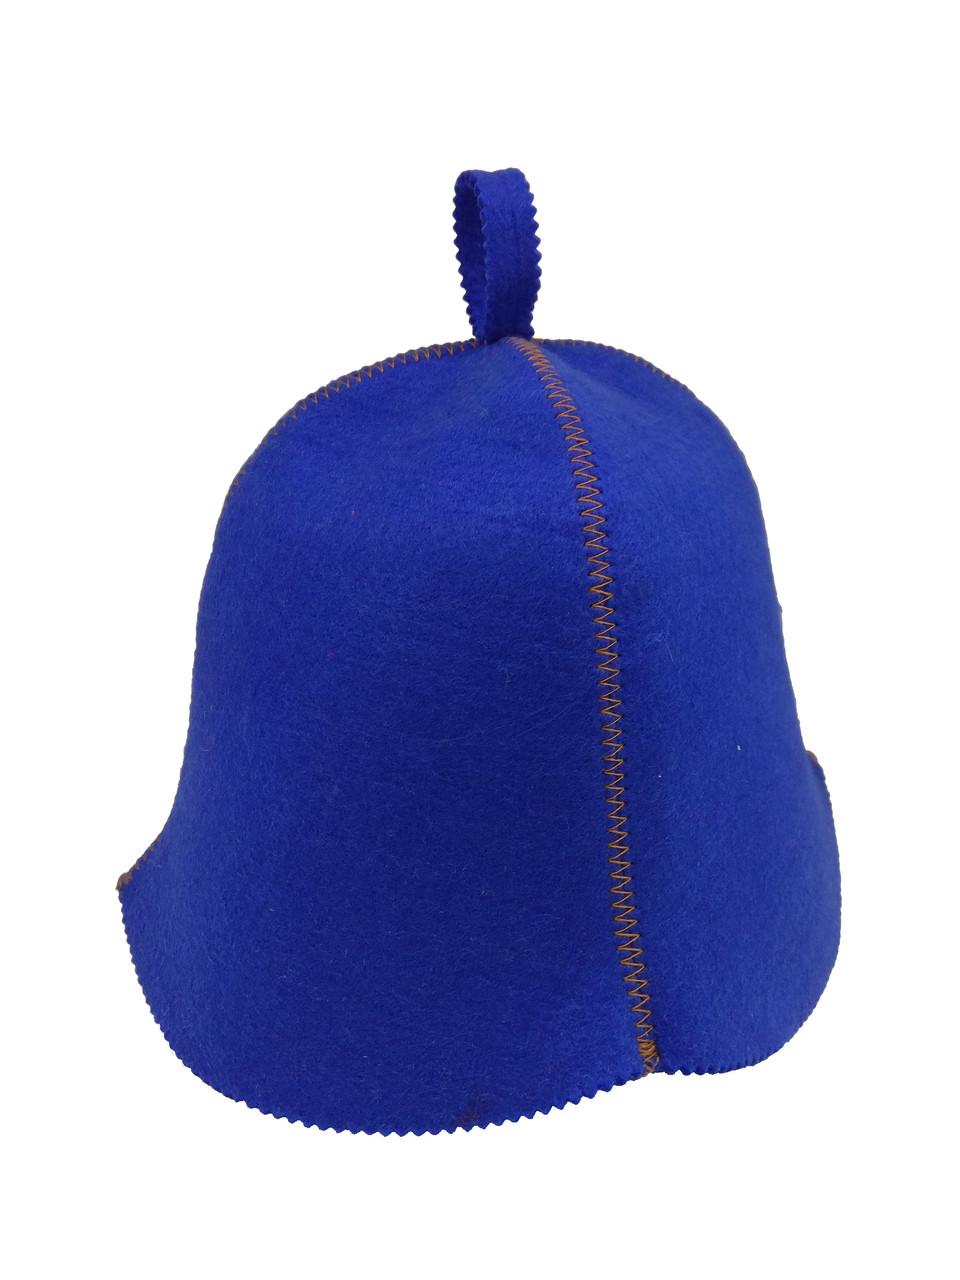 Шапка синя без вишивки, штучний кольоровий фетр, Saunapro